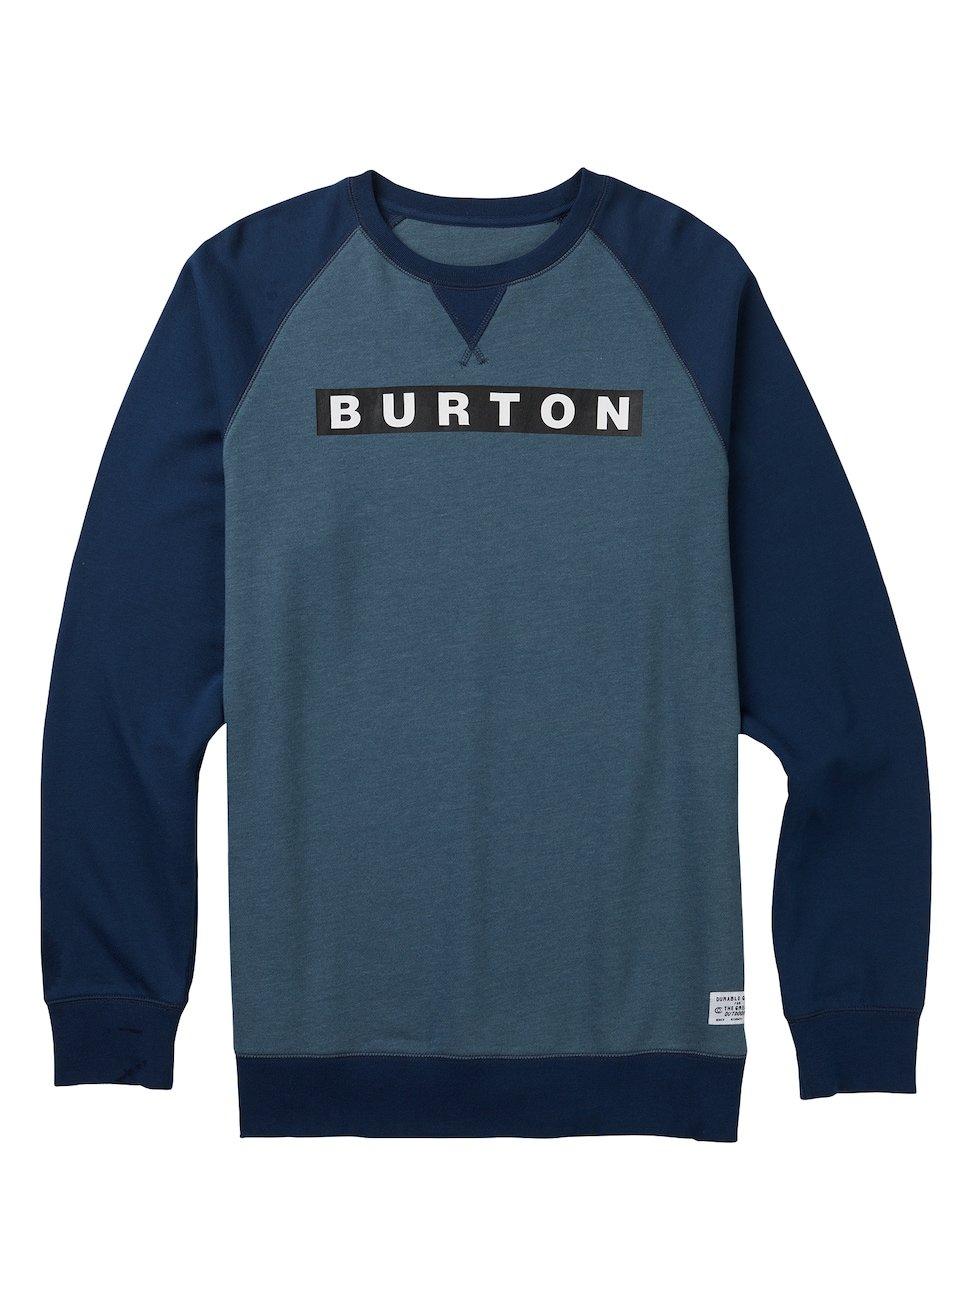 Burton Vault Crew Sudadera, Hombre: Burton: Amazon.es: Deportes y aire libre